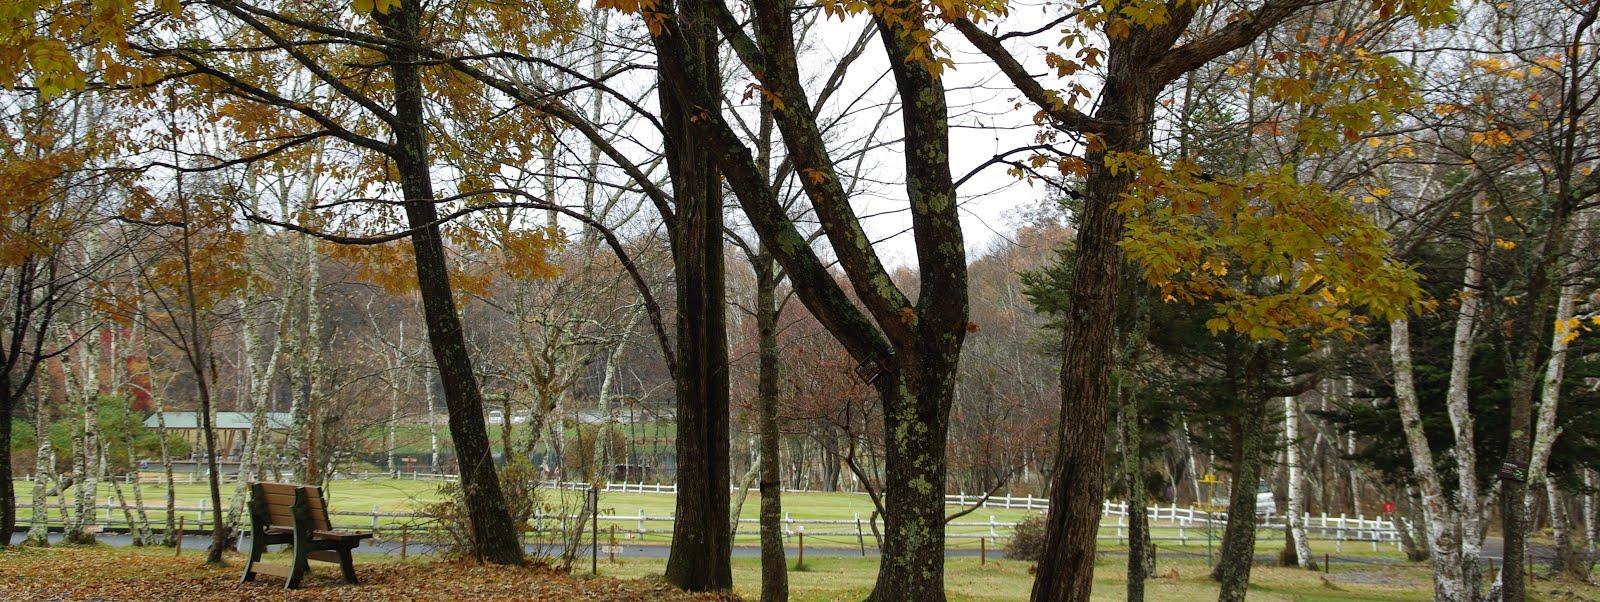 美しい秋の公園